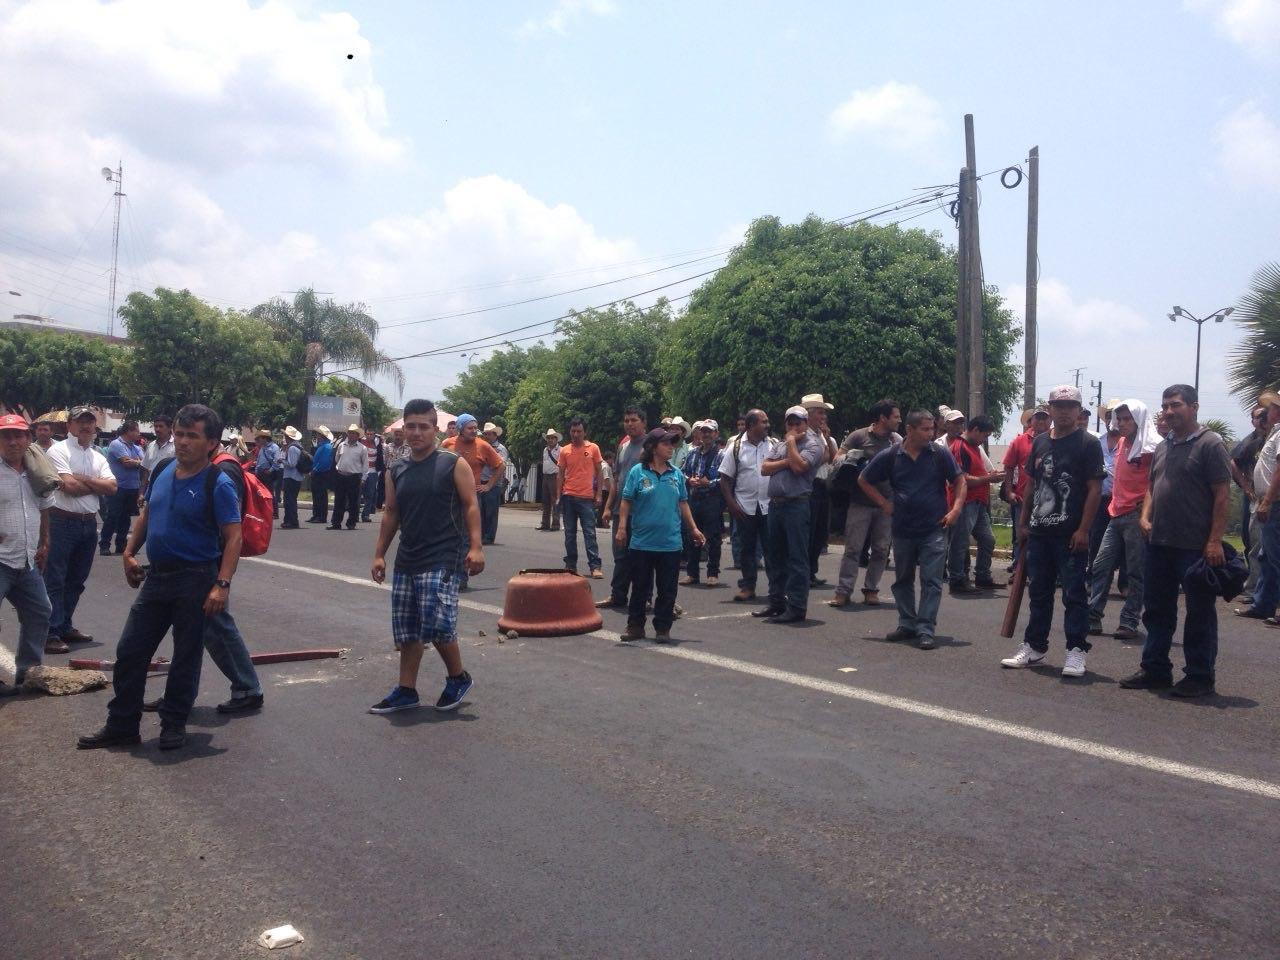 Productores de plátano exigen apoyos para 2 mil hectáreas devastadas por surada